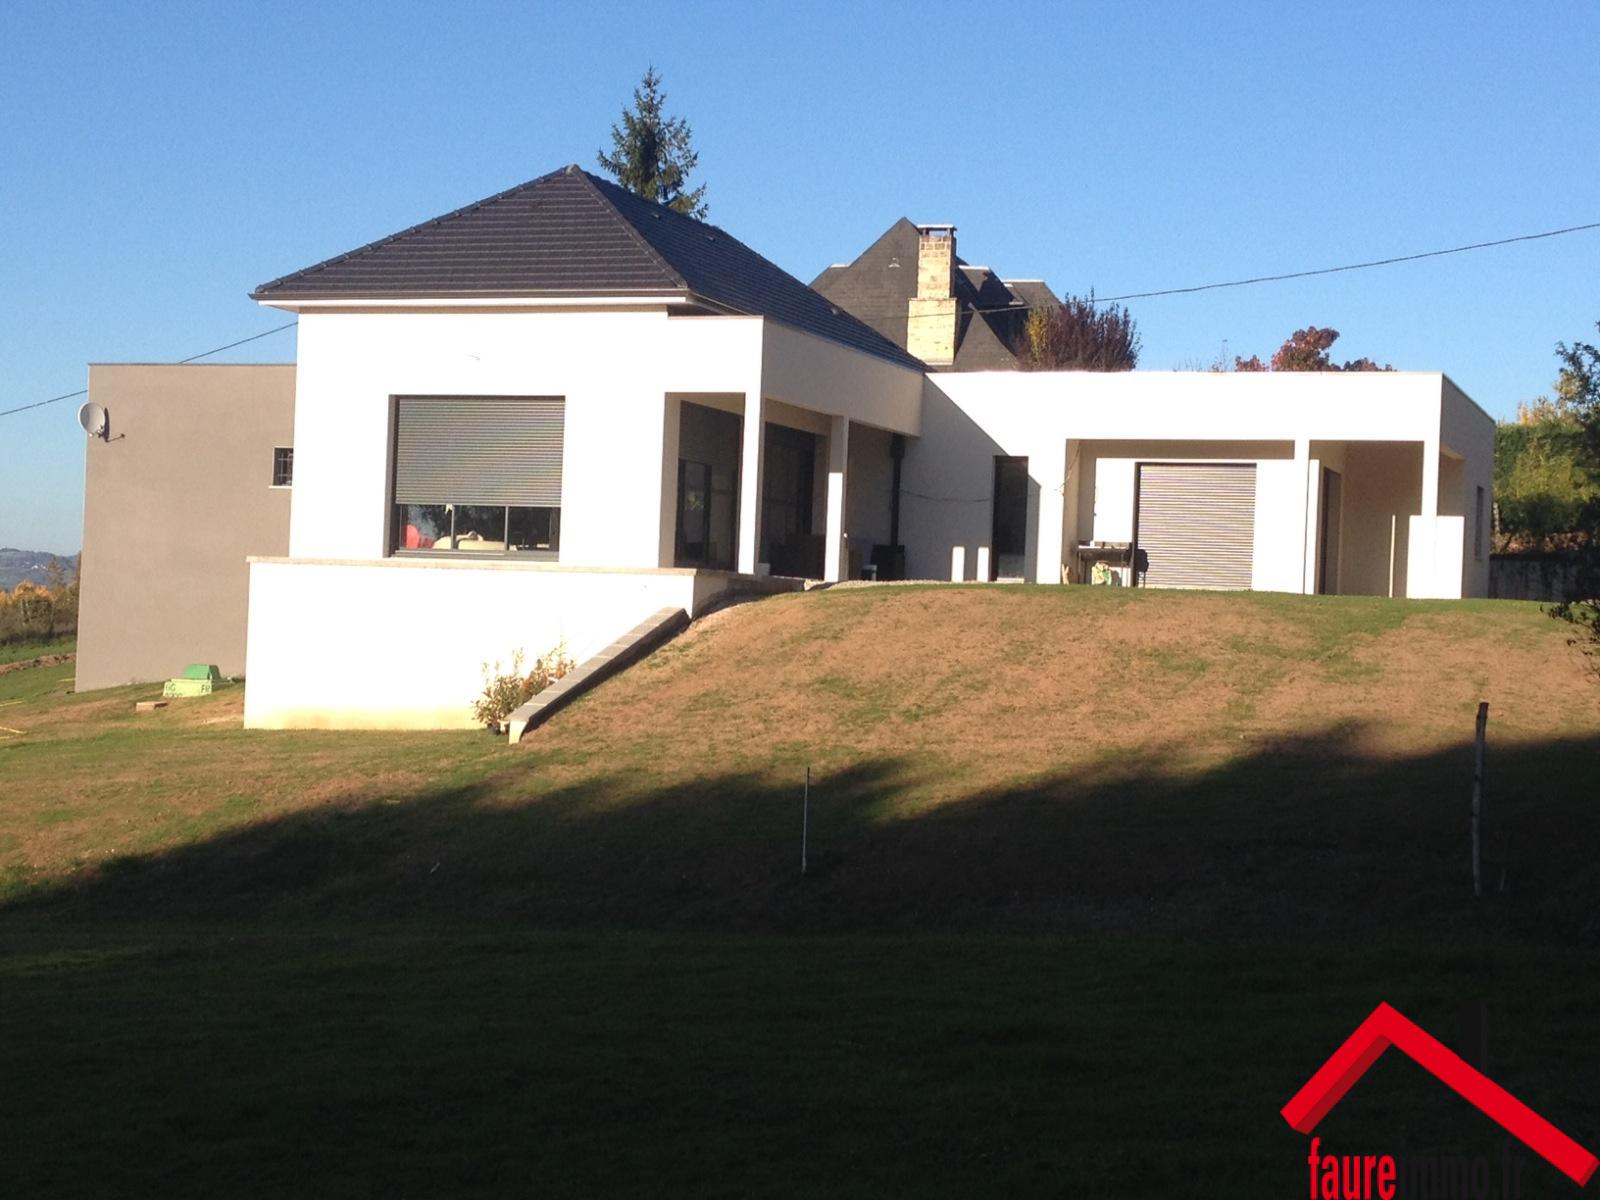 Vente maison brive la gaillarde avec l 39 agence faure immo for Acheter maison correze